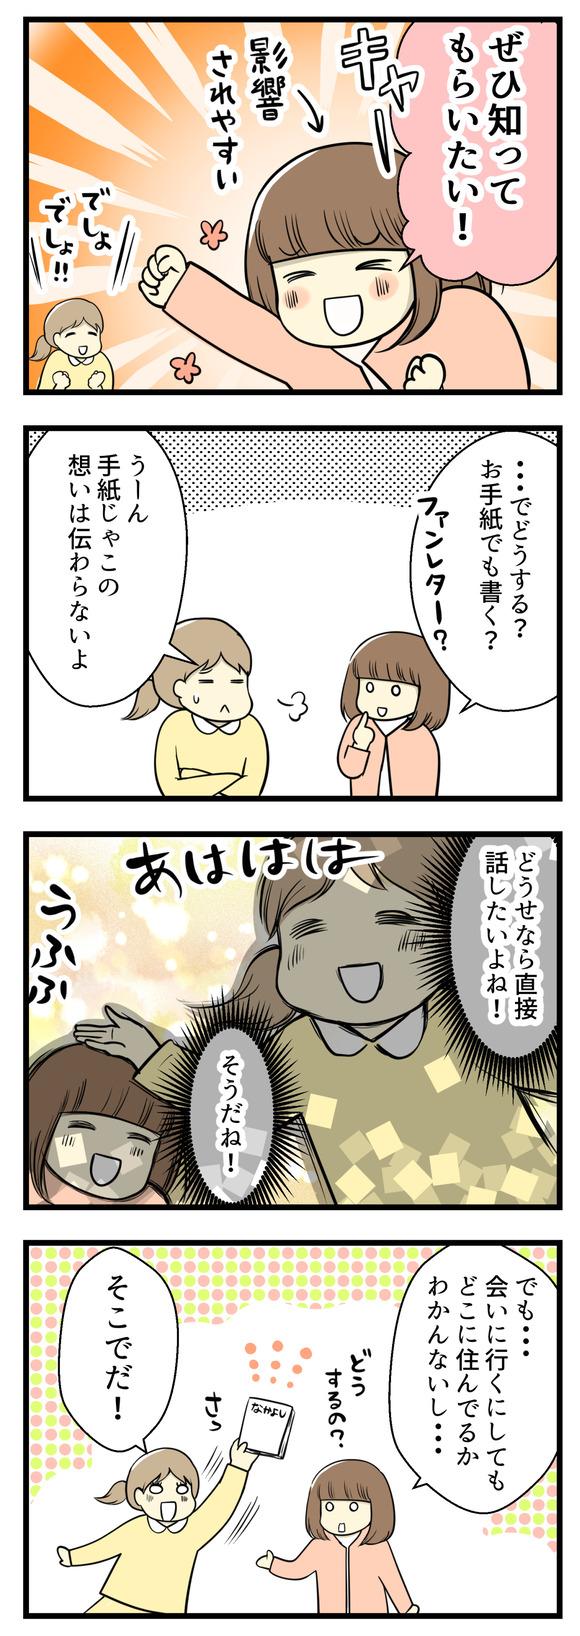 少女漫画好きな小学生が講談社に電話した結果-2-